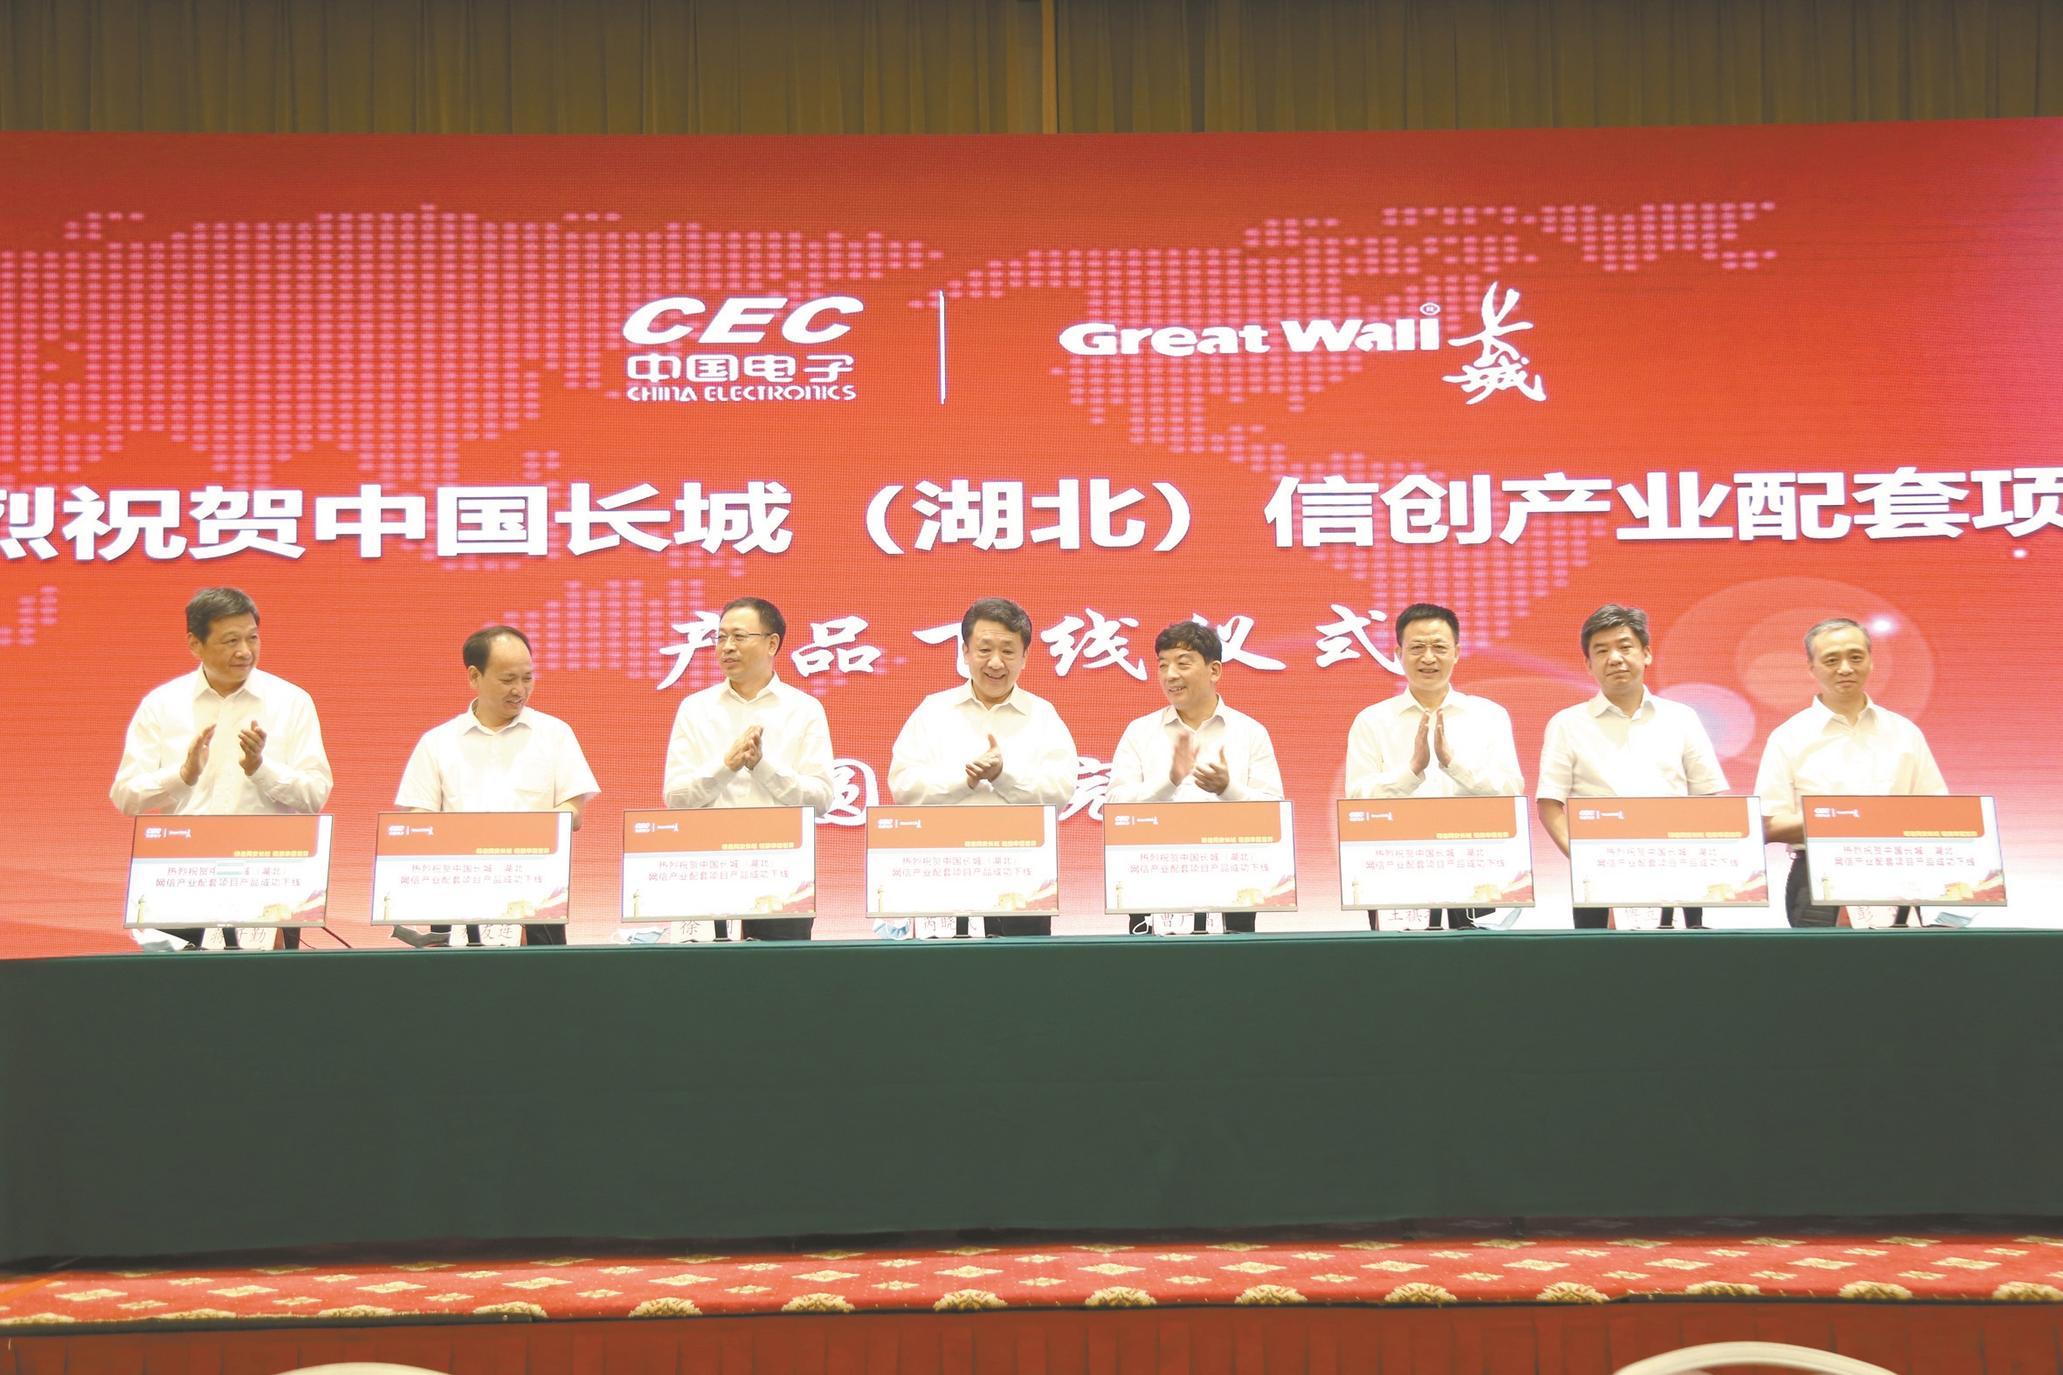 中国电子湖北长城计算机产品下线仪式。